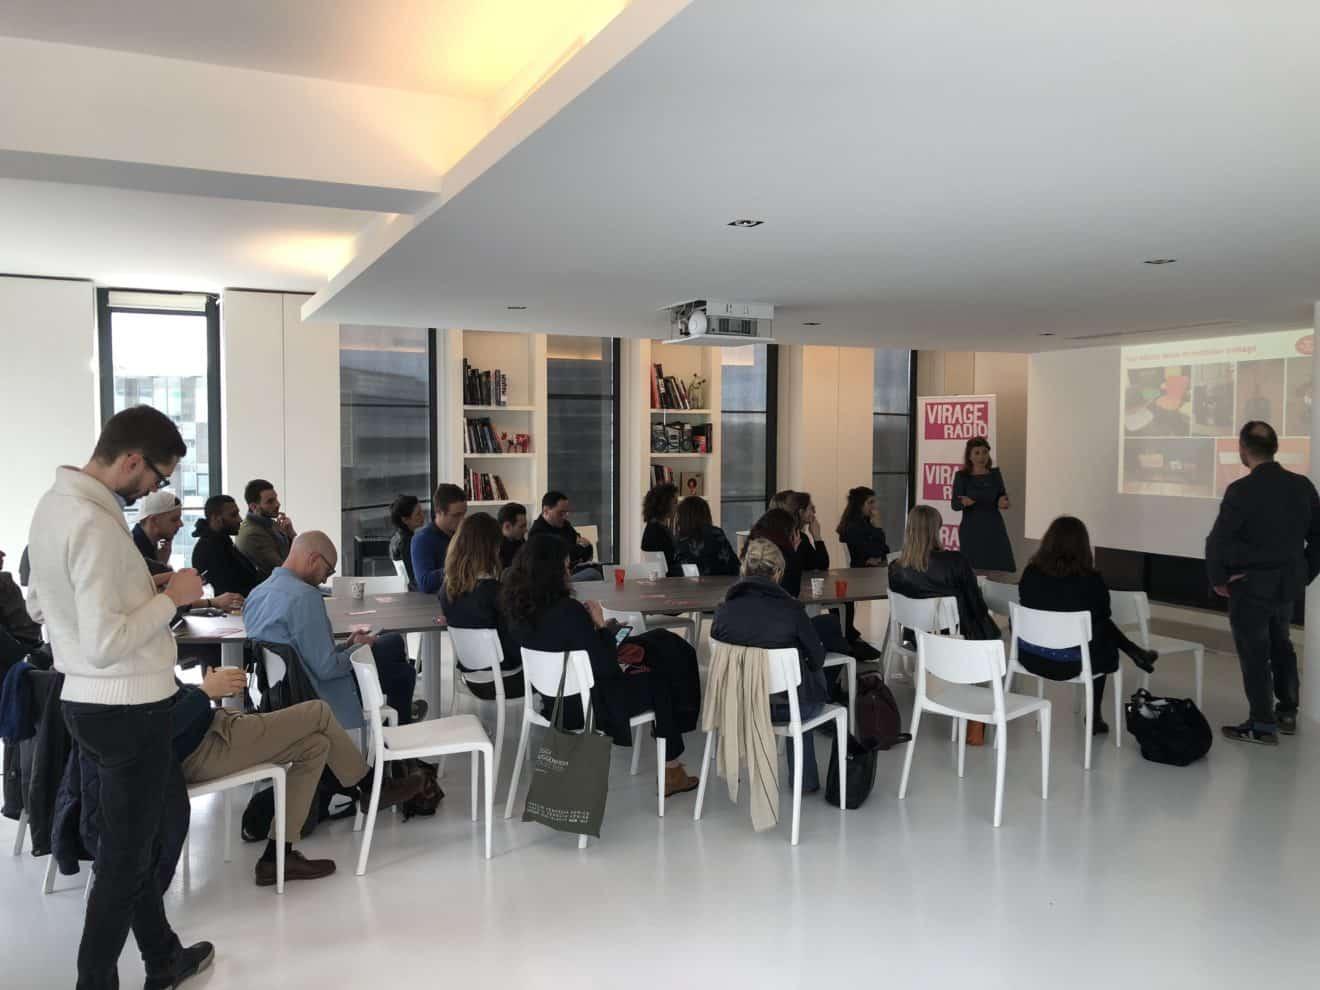 Point presse autour de la table de la salle blanche pour le marché de la mode vintage en partenariat avec Virage Radio